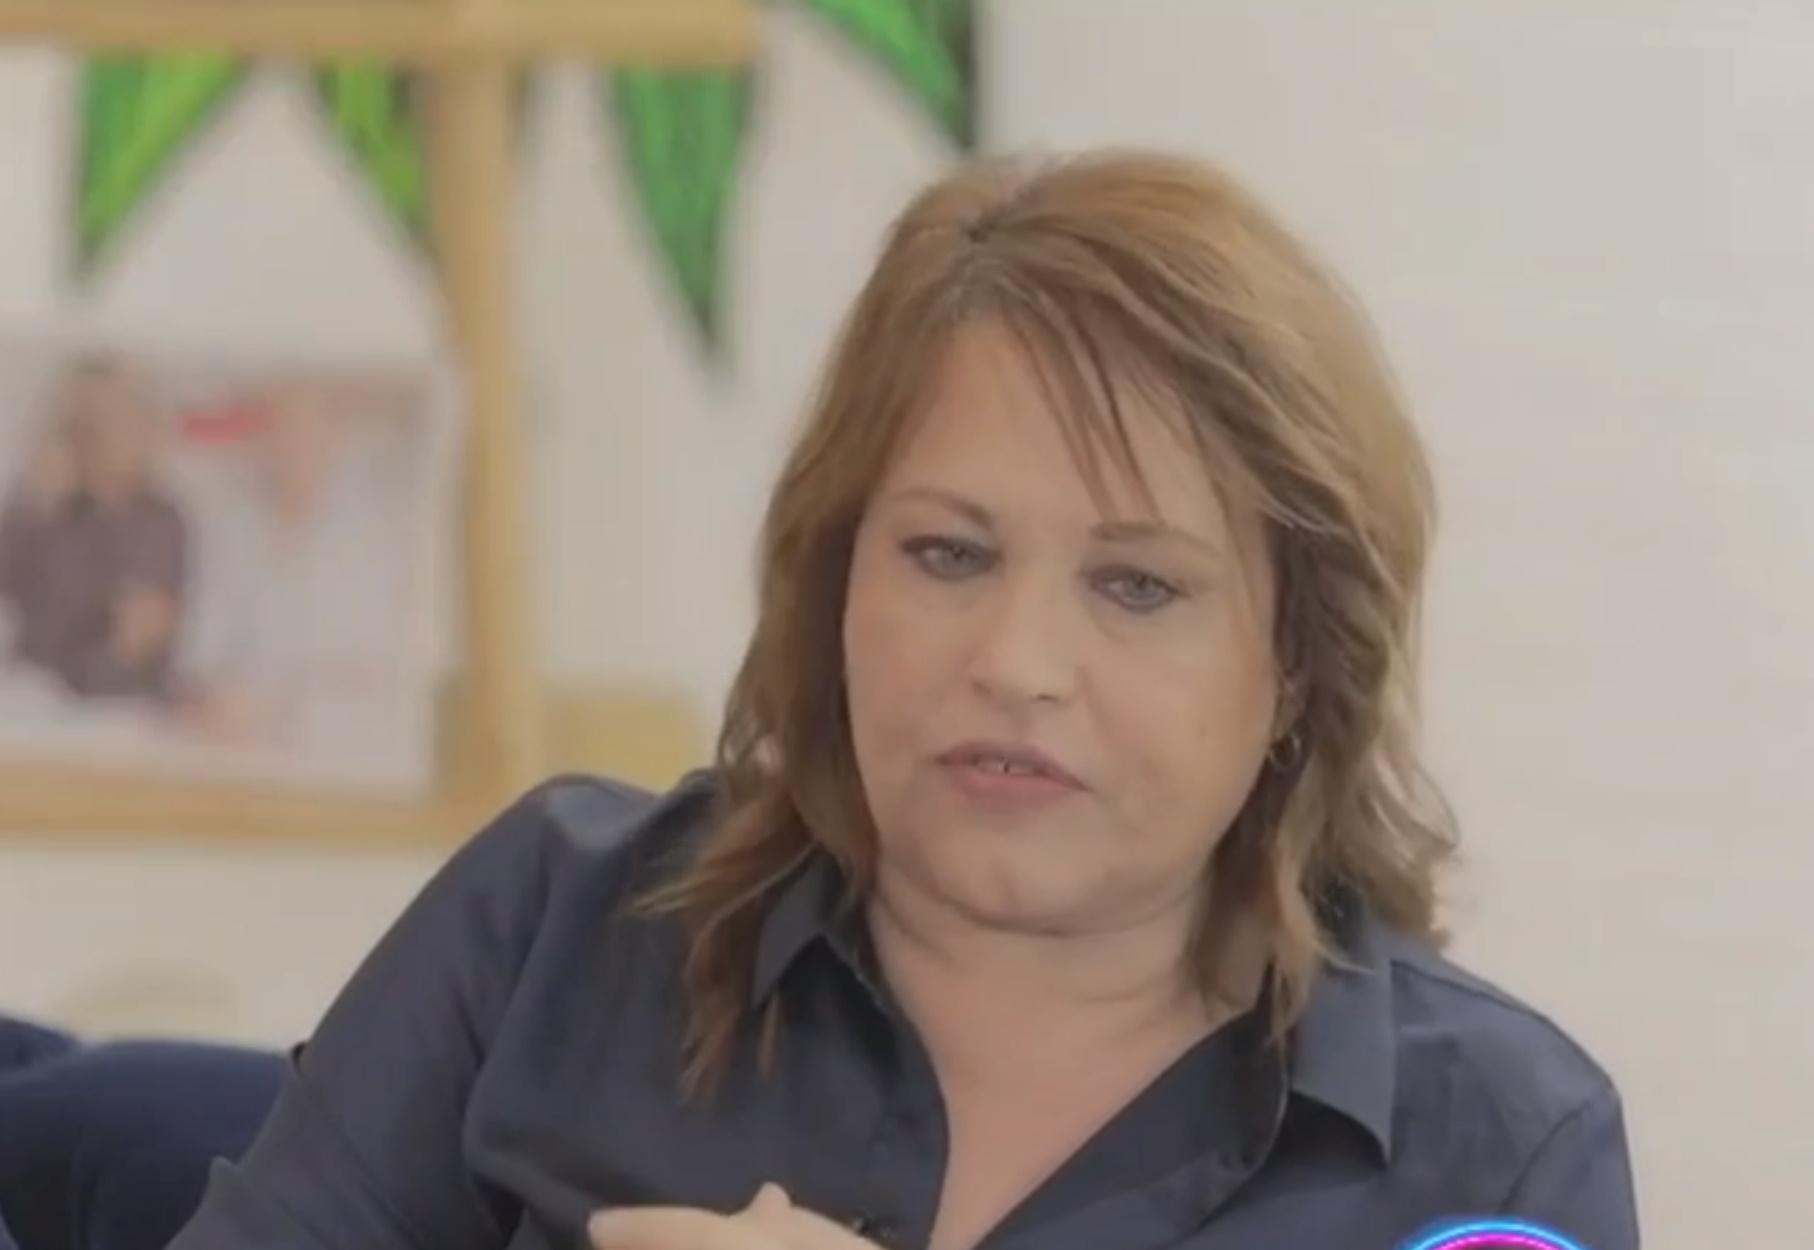 Νικολέτα Βλαβιανού: «Μπλέχτηκα κι εγώ και με πήραν τα σκάγια ξώφαλτσα, μου έκλεισαν πόρτες για πολλά χρόνια»